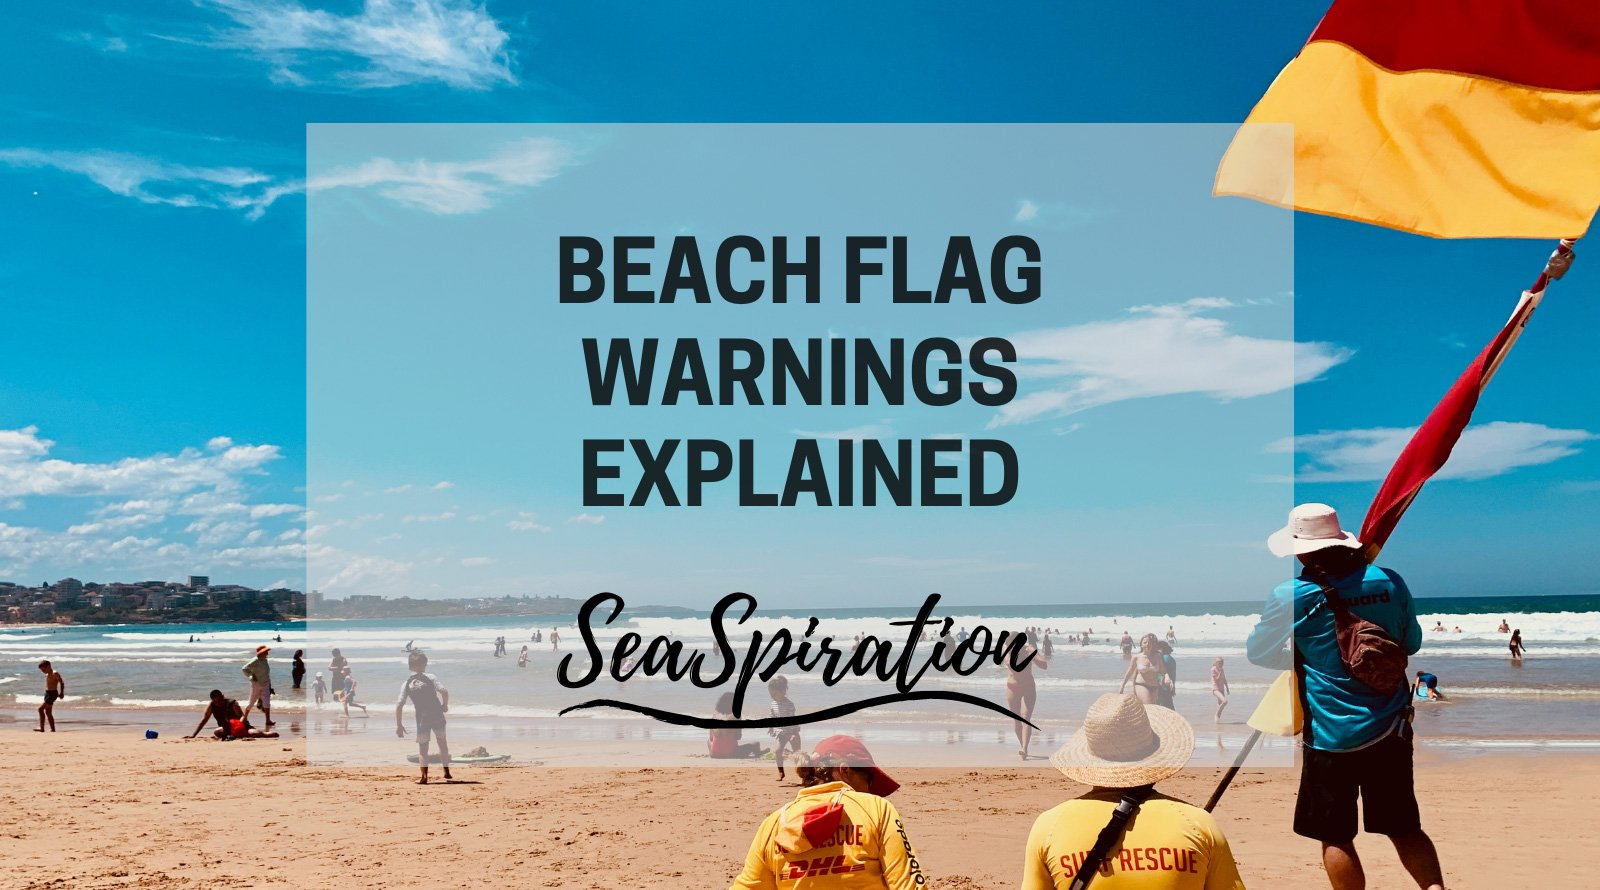 Beach flag meanings